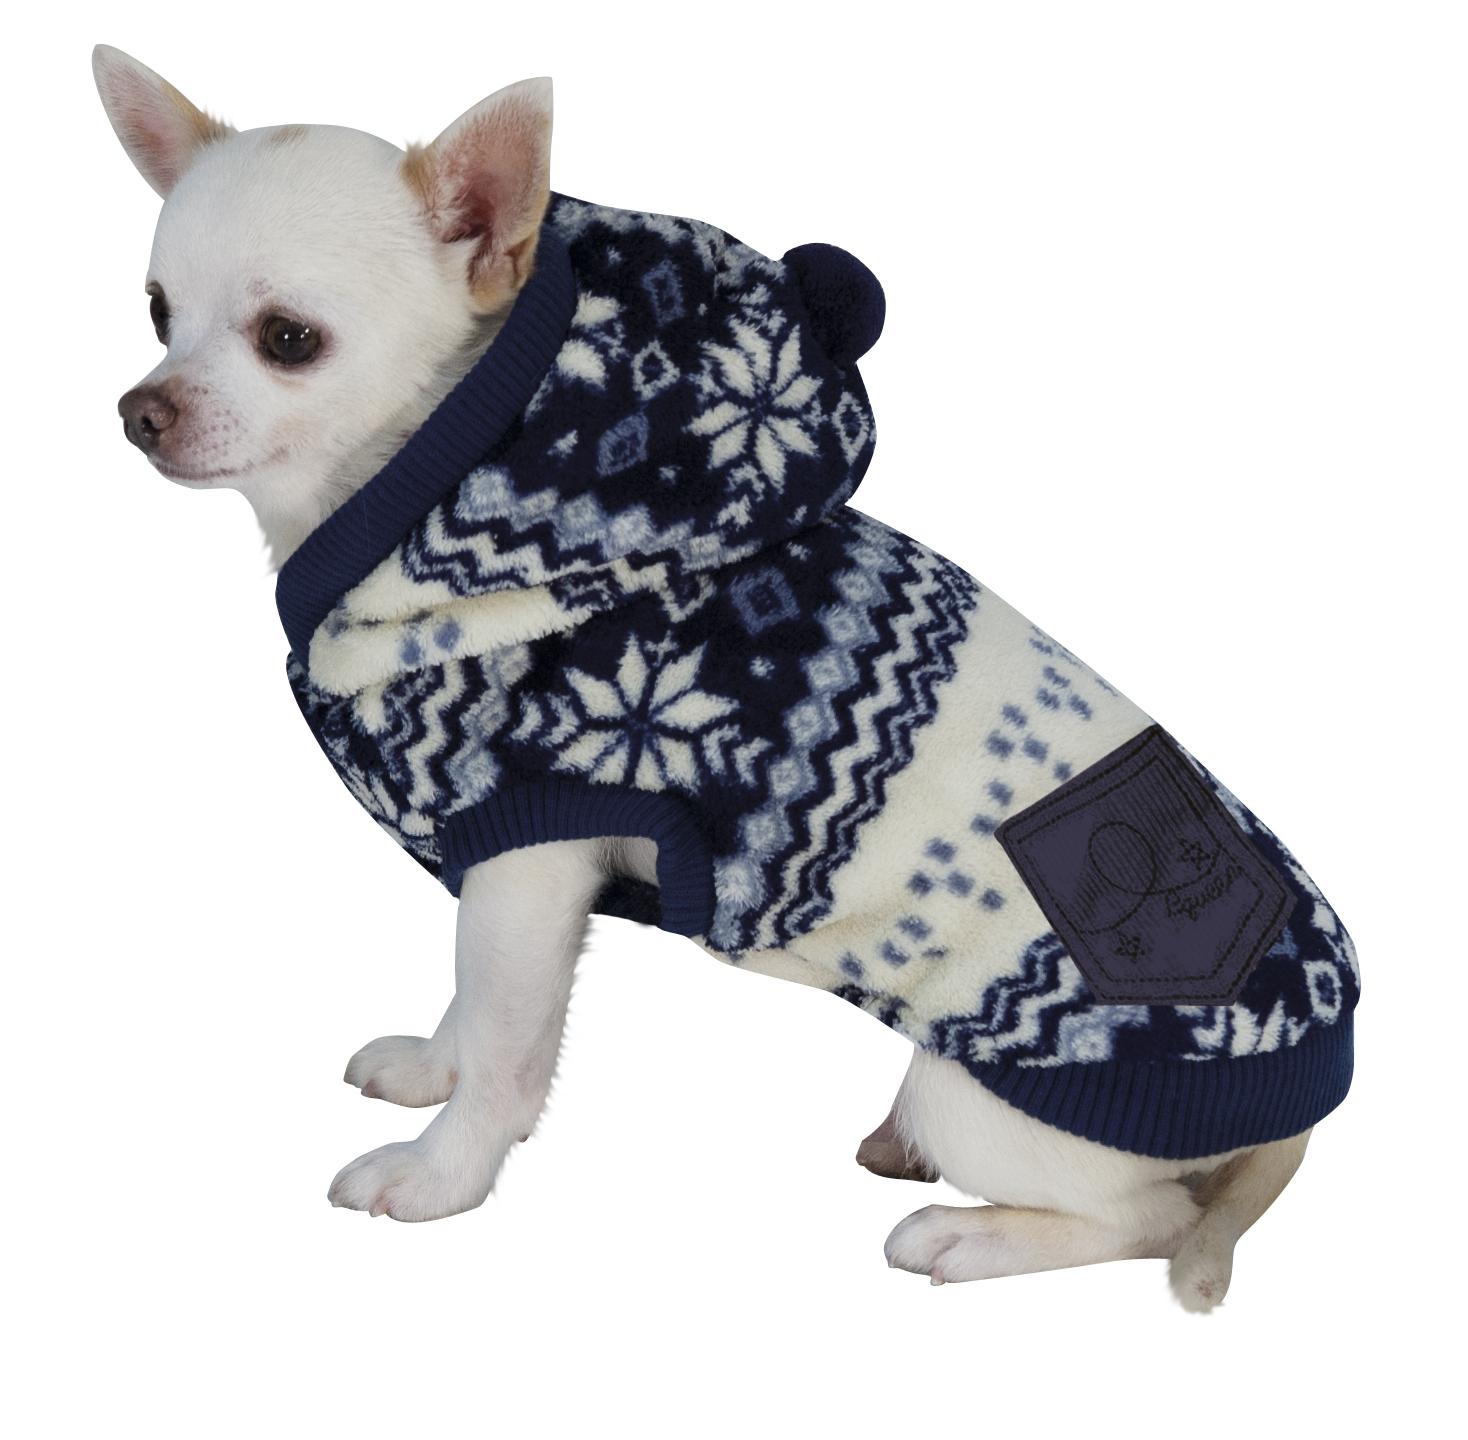 """Комбинезон вязаный для собак с капюшоном """"Снежинка"""", 35 см, сине/белый от Ravta"""